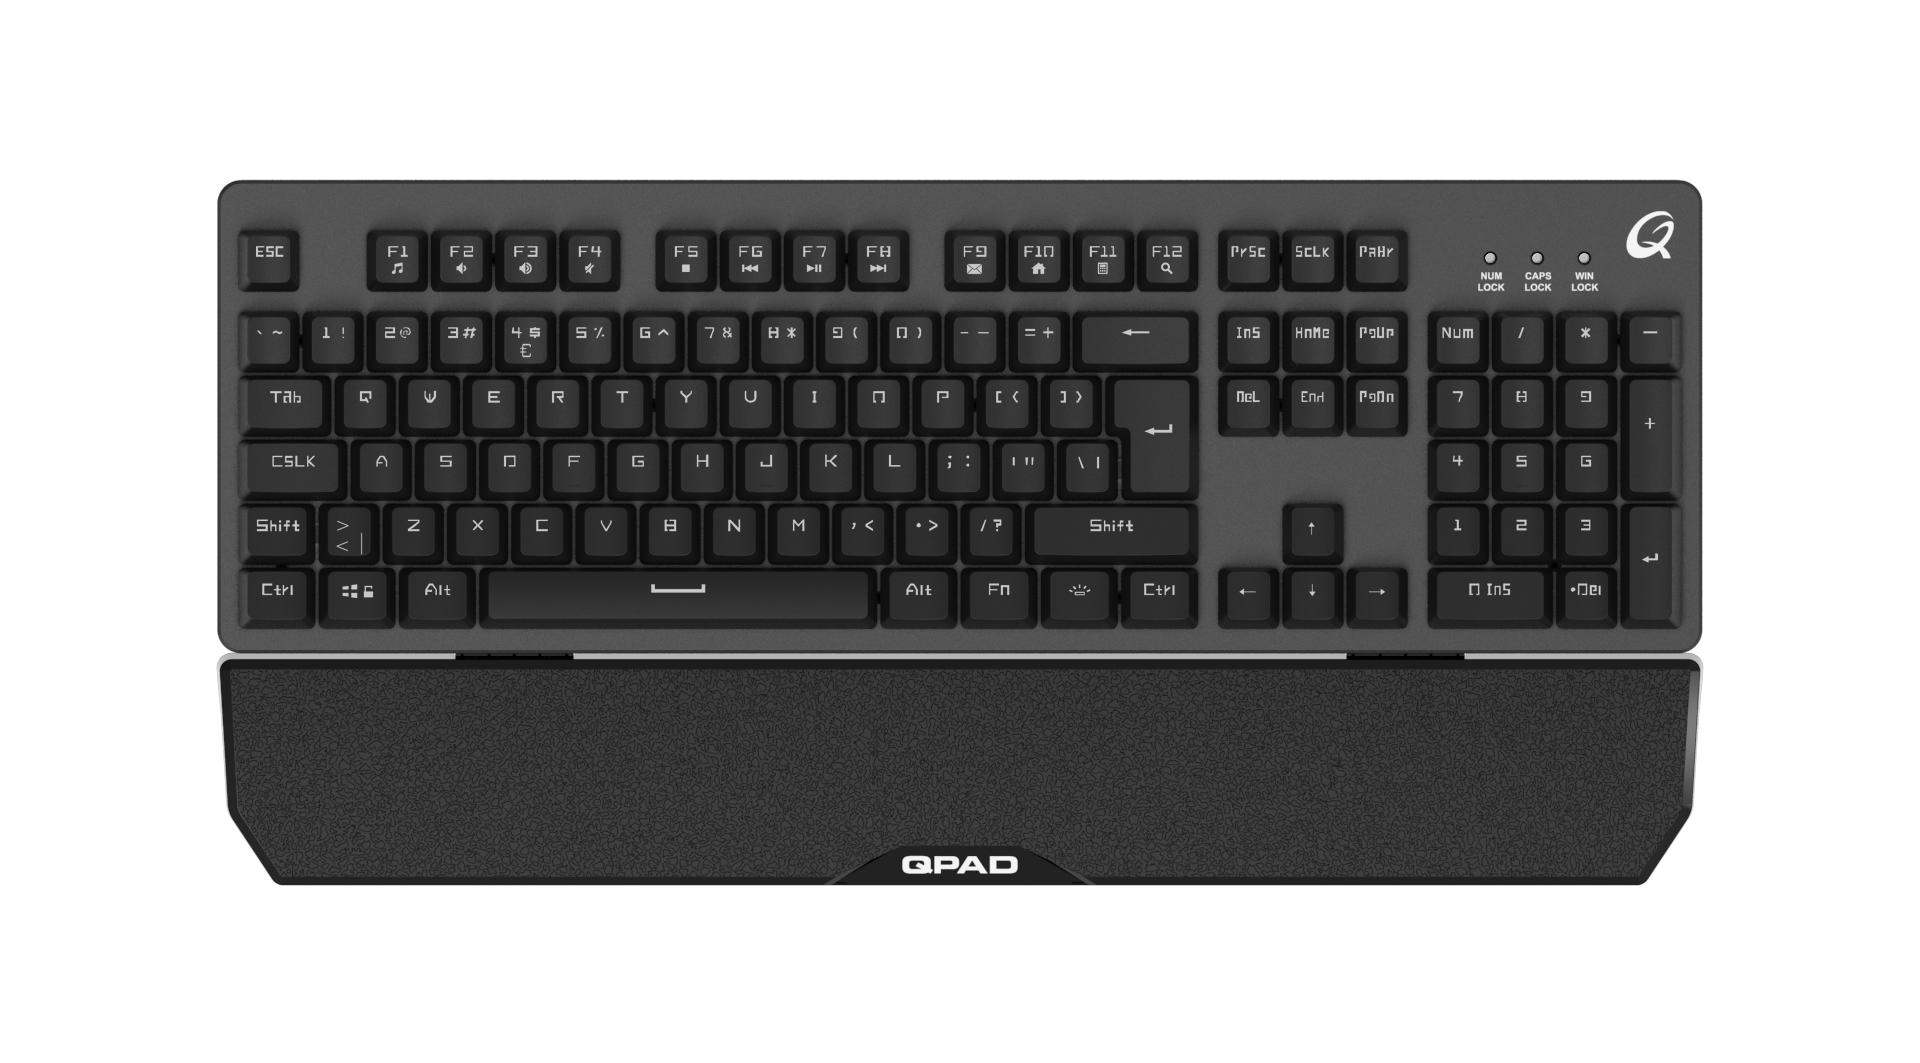 QPAD MK 40 PRO Gaming Membranical Keyboard Gamingtastatur